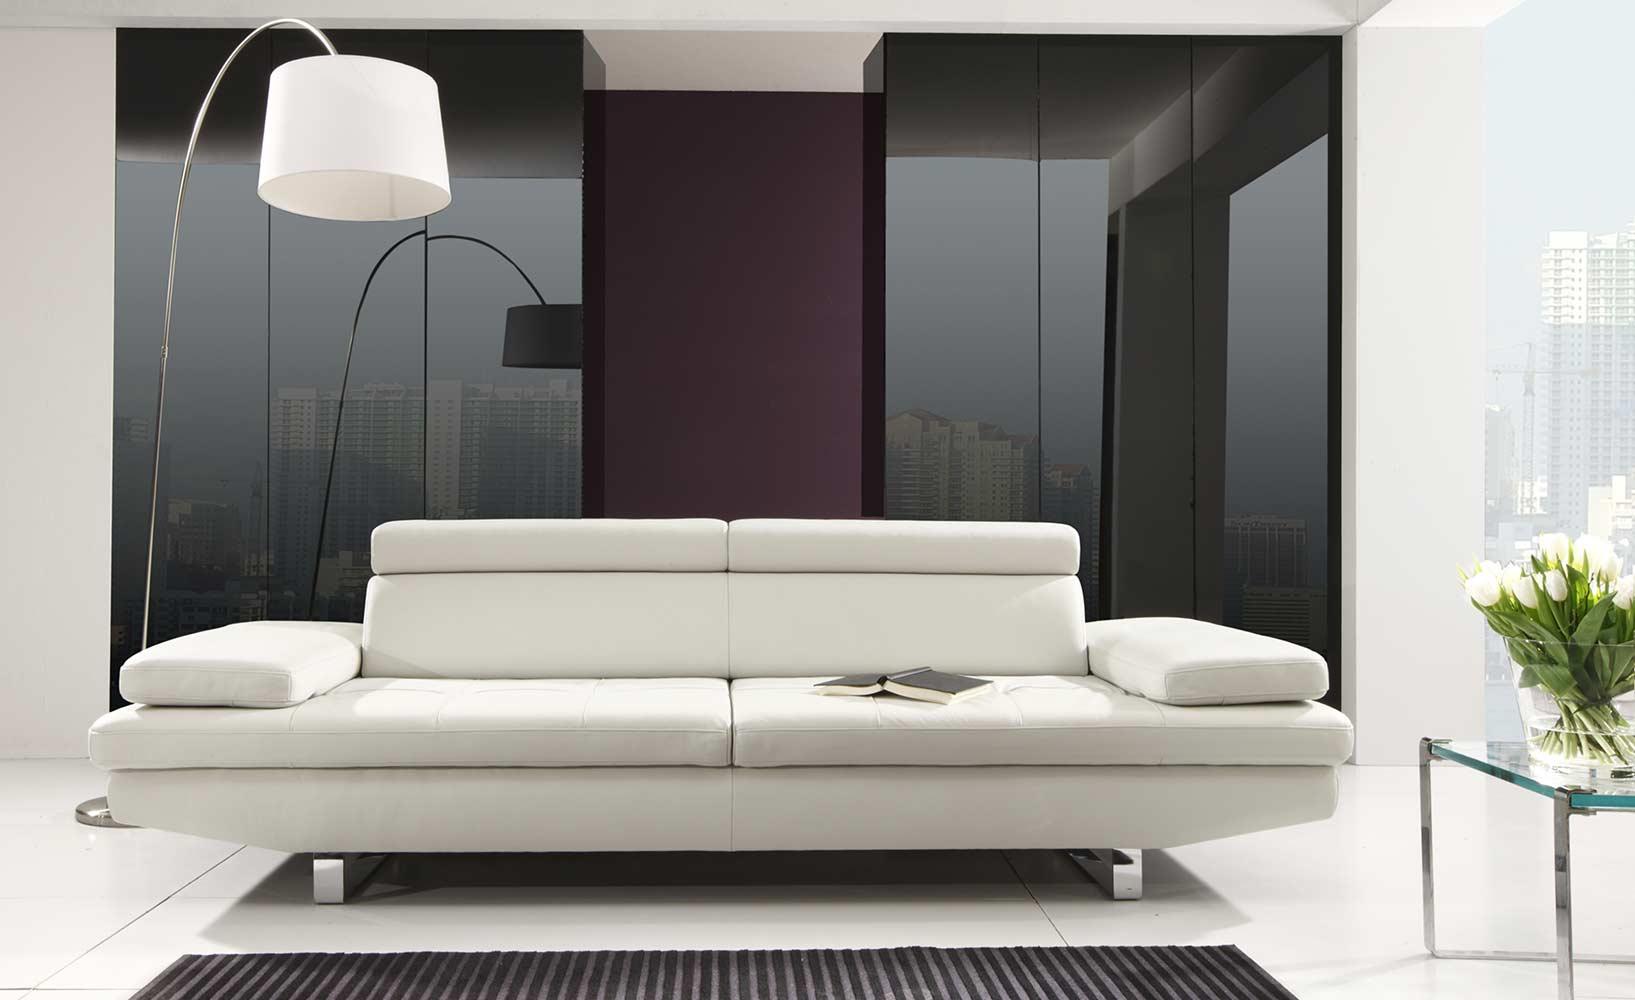 schwarz wei wohnzimmer inneneinrichtung und m bel. Black Bedroom Furniture Sets. Home Design Ideas